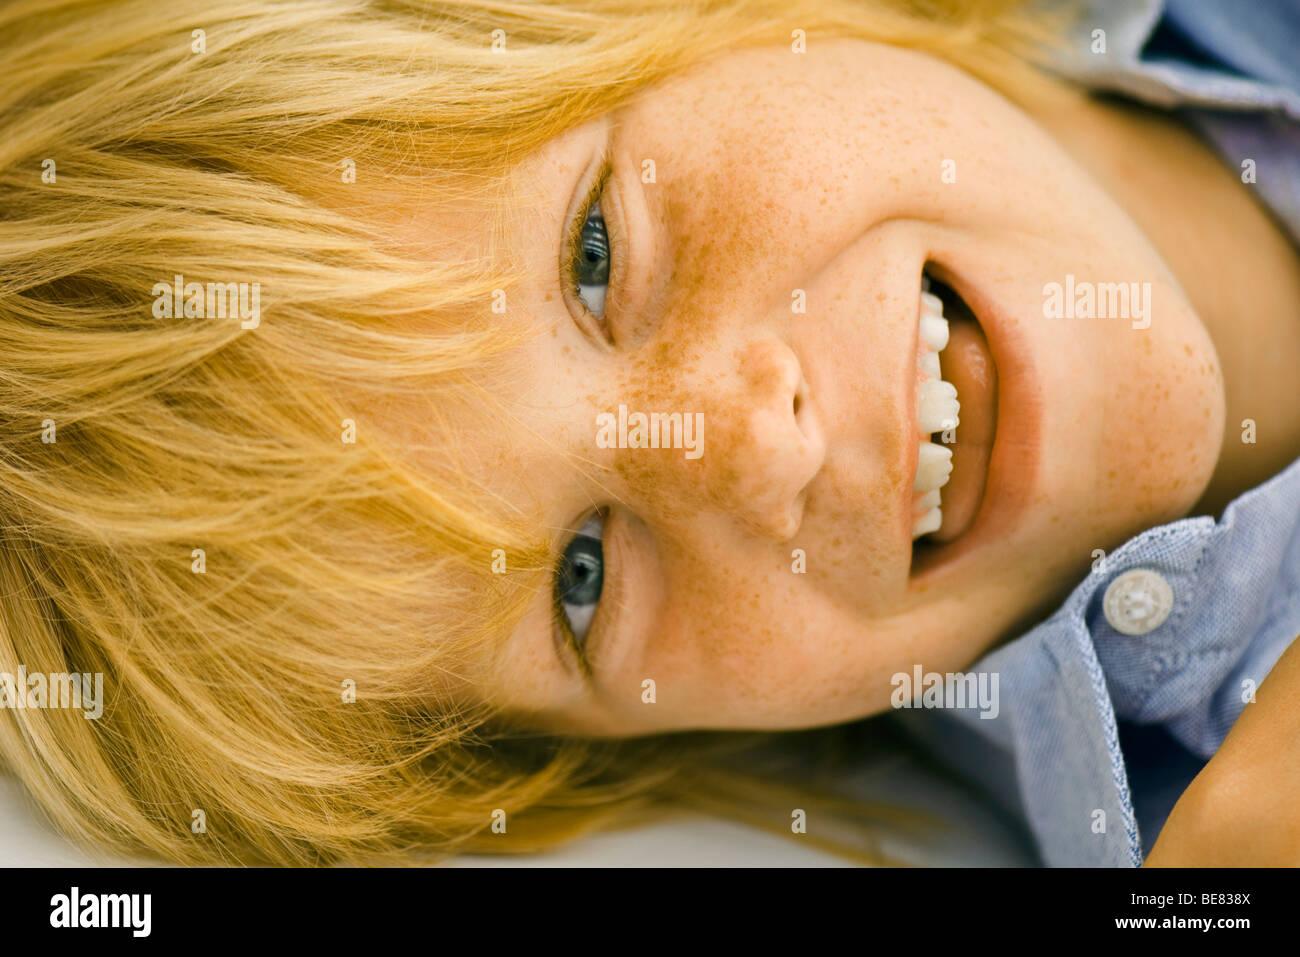 Little boy smiling, portrait - Stock Image